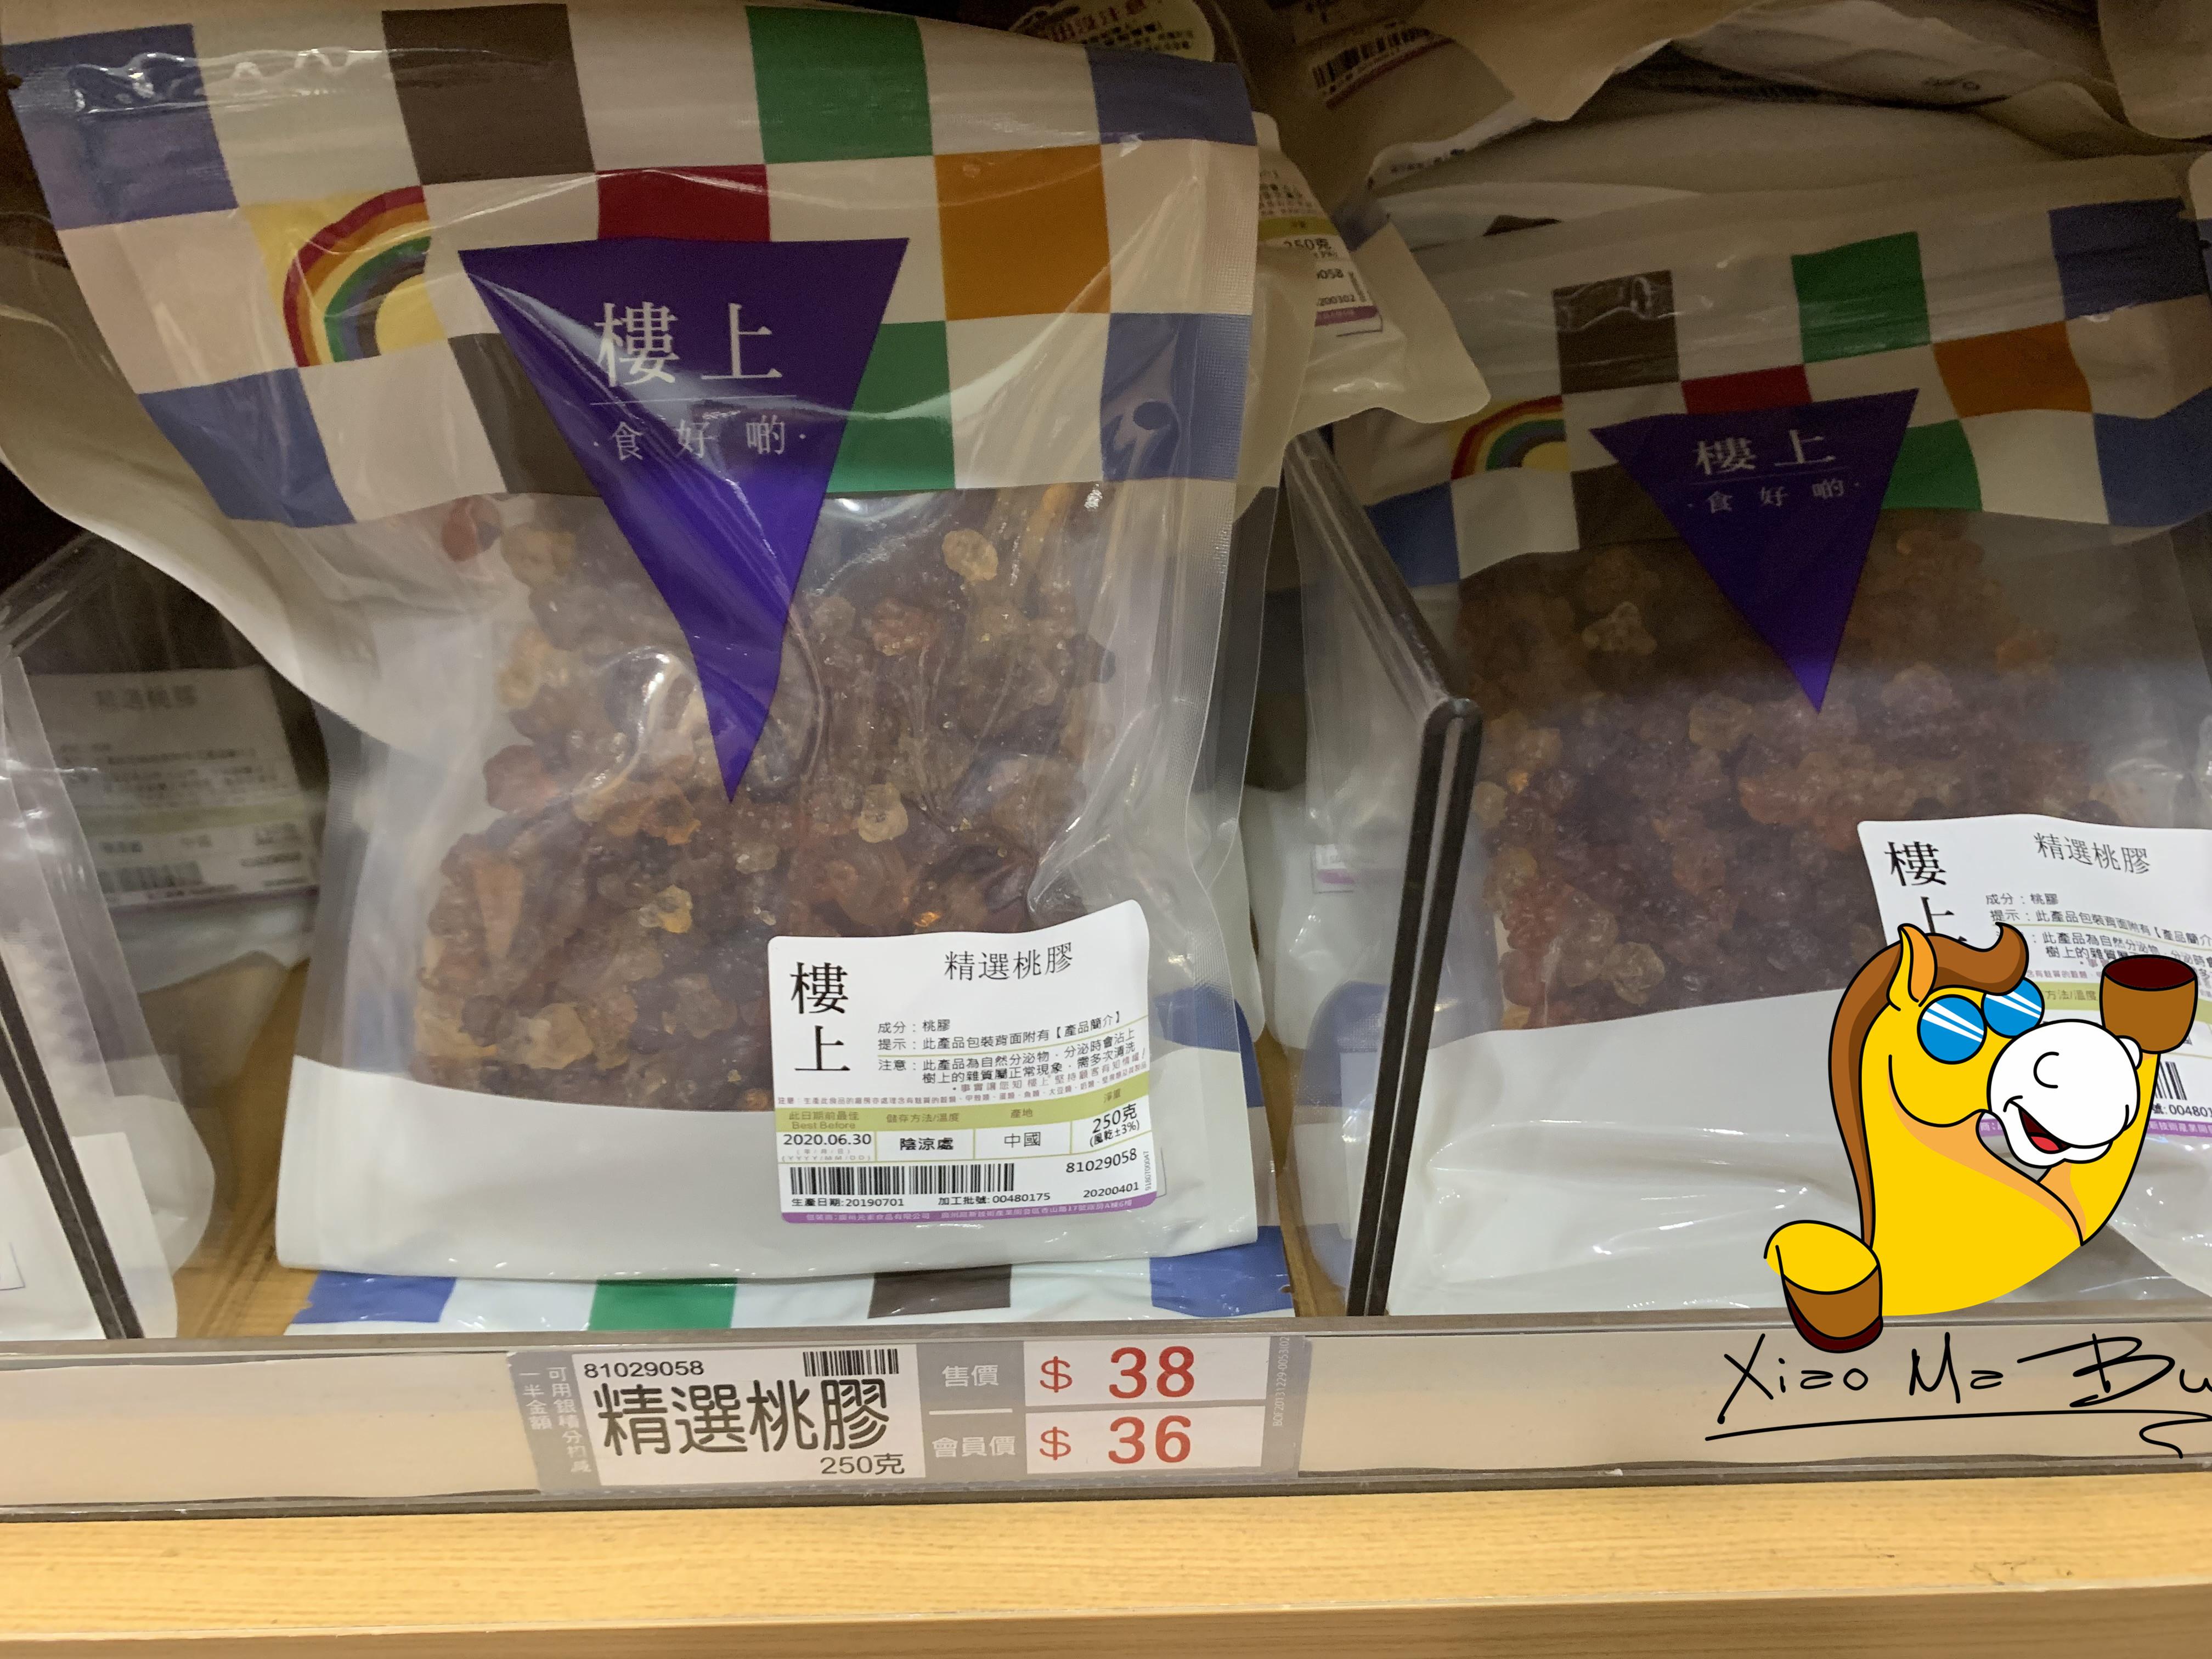 【新】楼上桃胶  精选桃胶 桃油 桃脂 250克  包邮(用1元券)